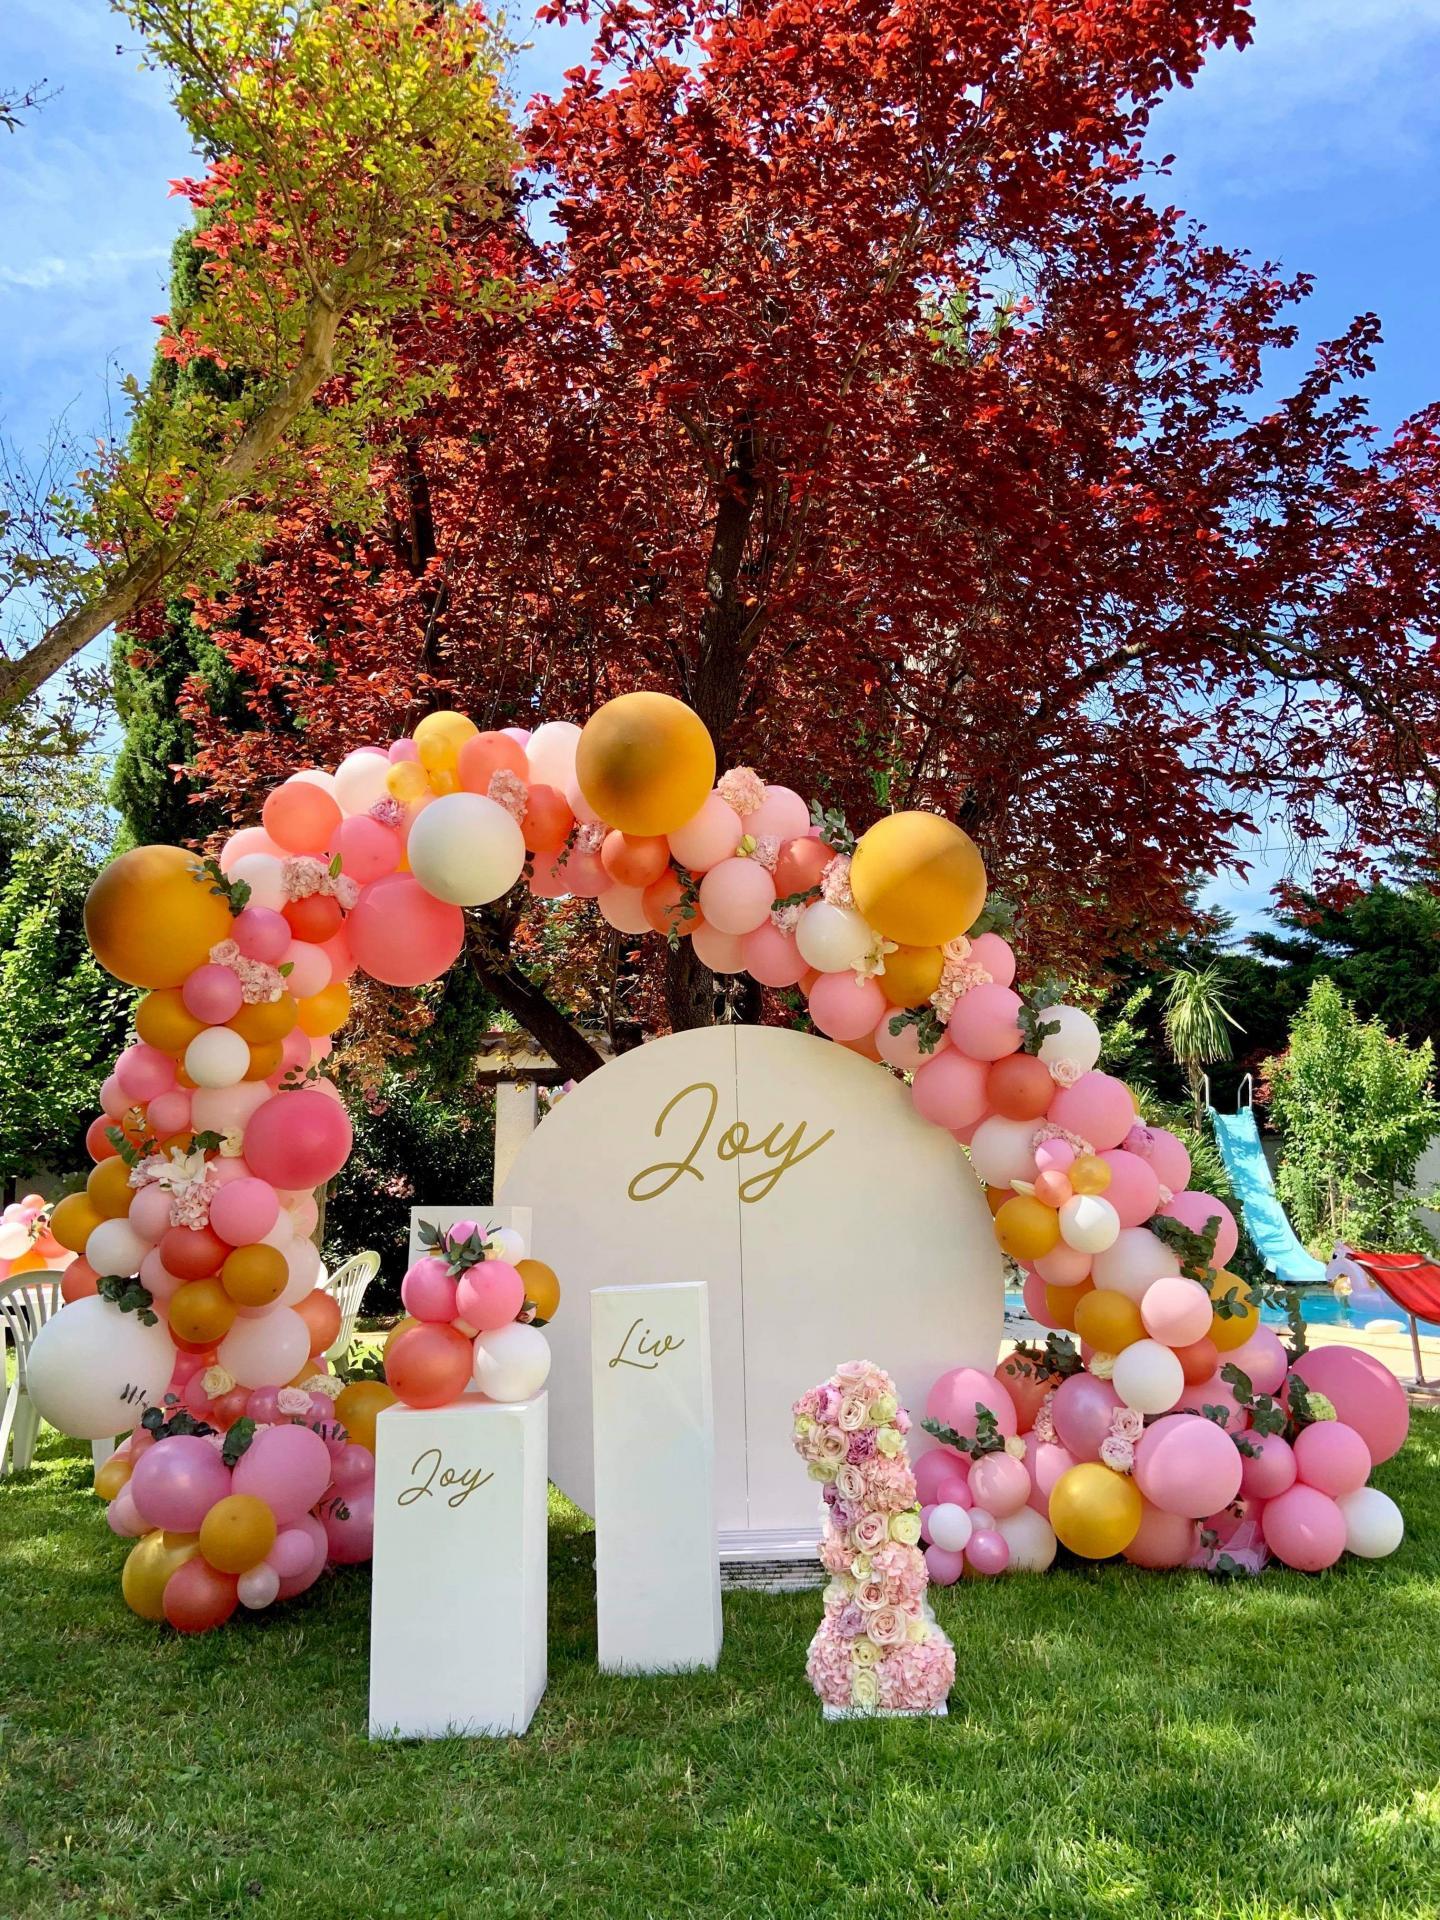 Arche organique fleurie avec ballons